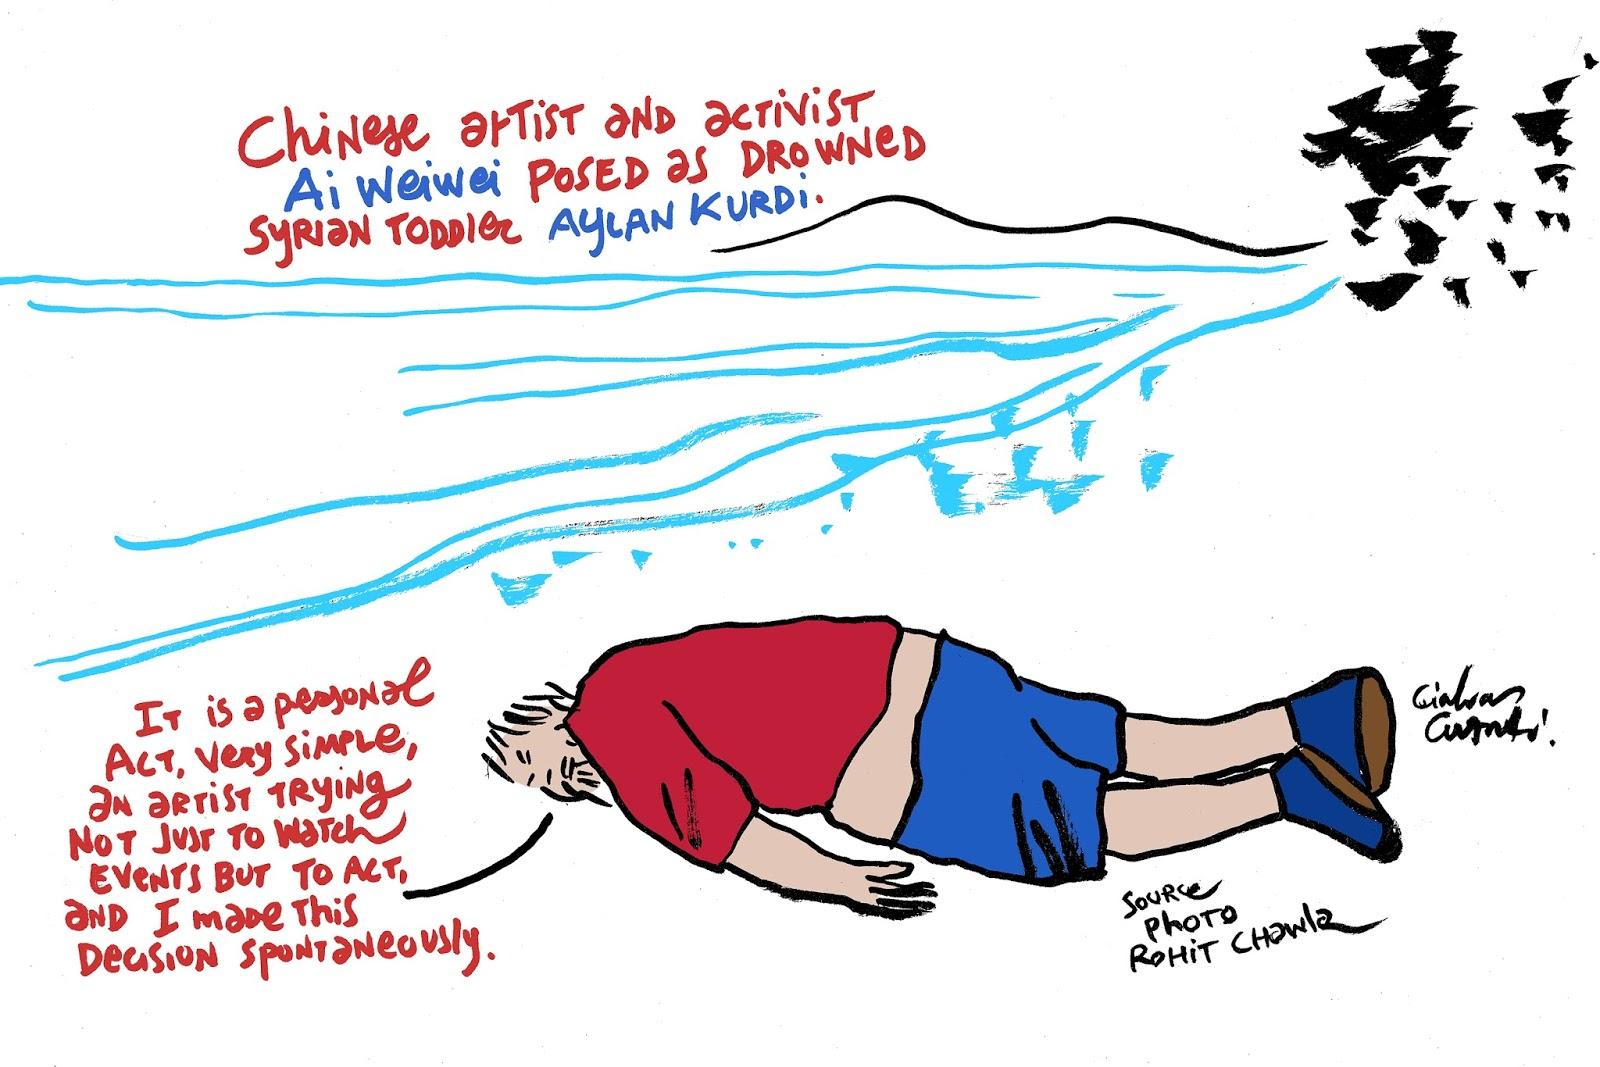 Ai-Weiwei-Aylan-Kurdi